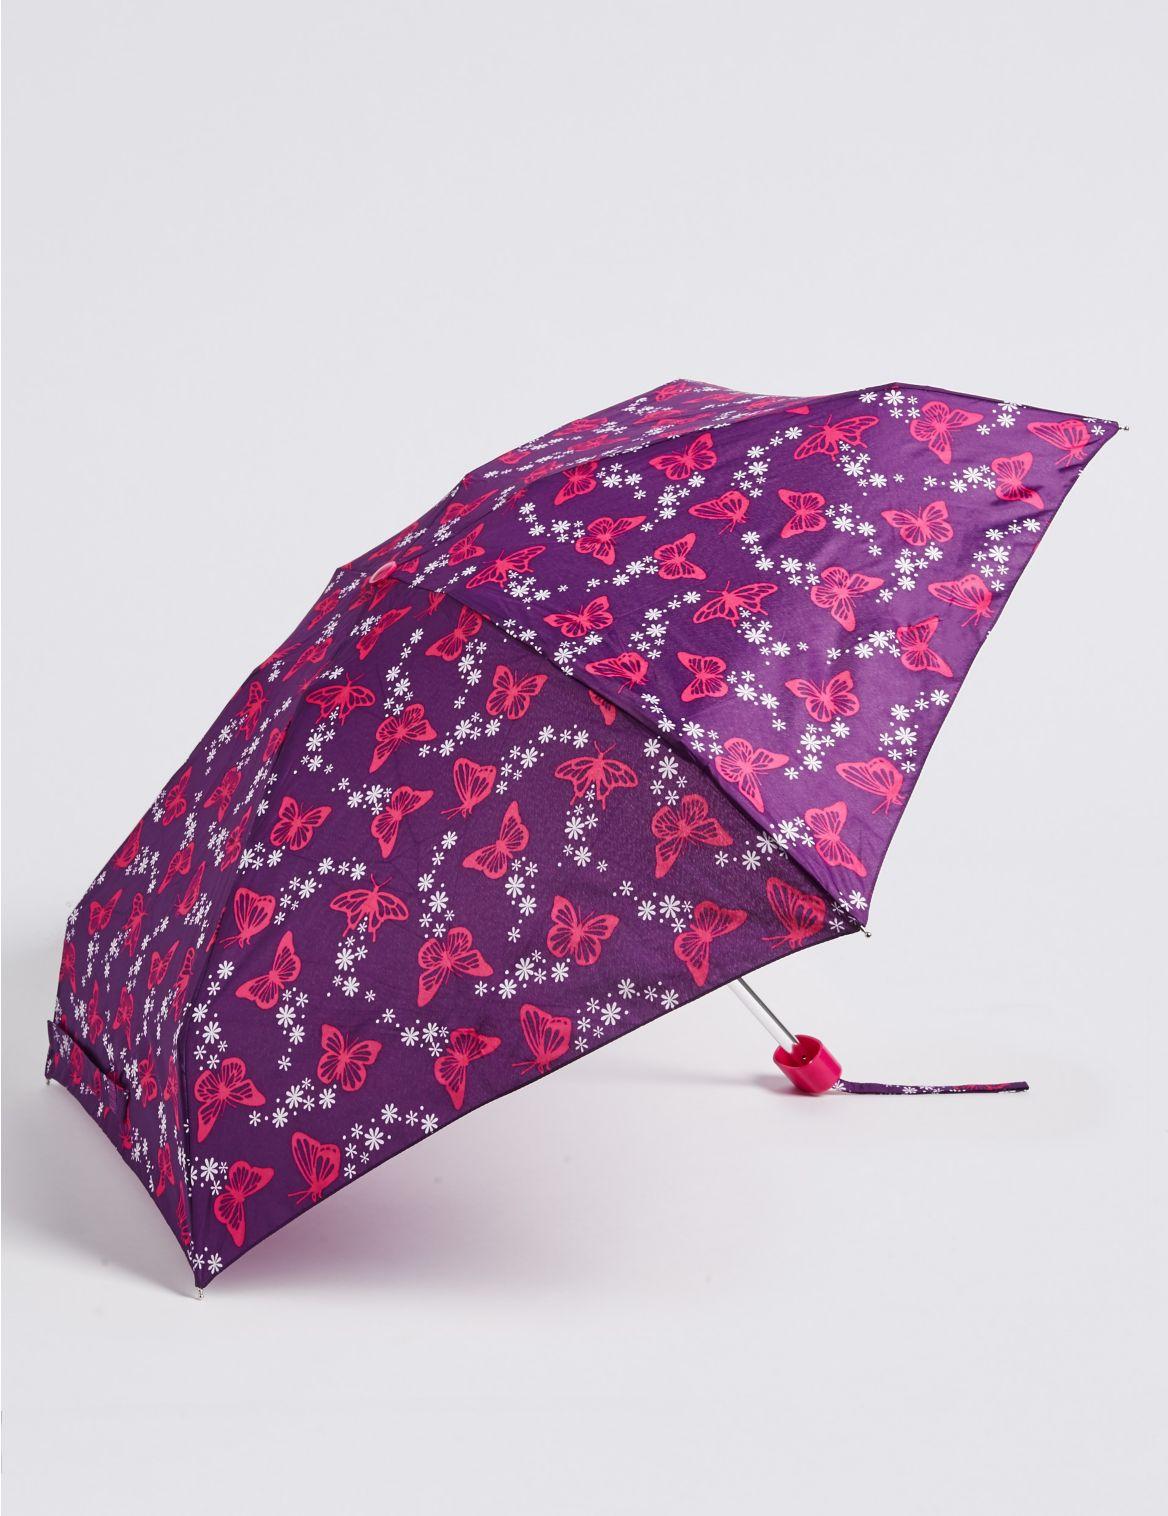 Parapluie compact à imprimé papillons, doté de la technologie Stormwear™